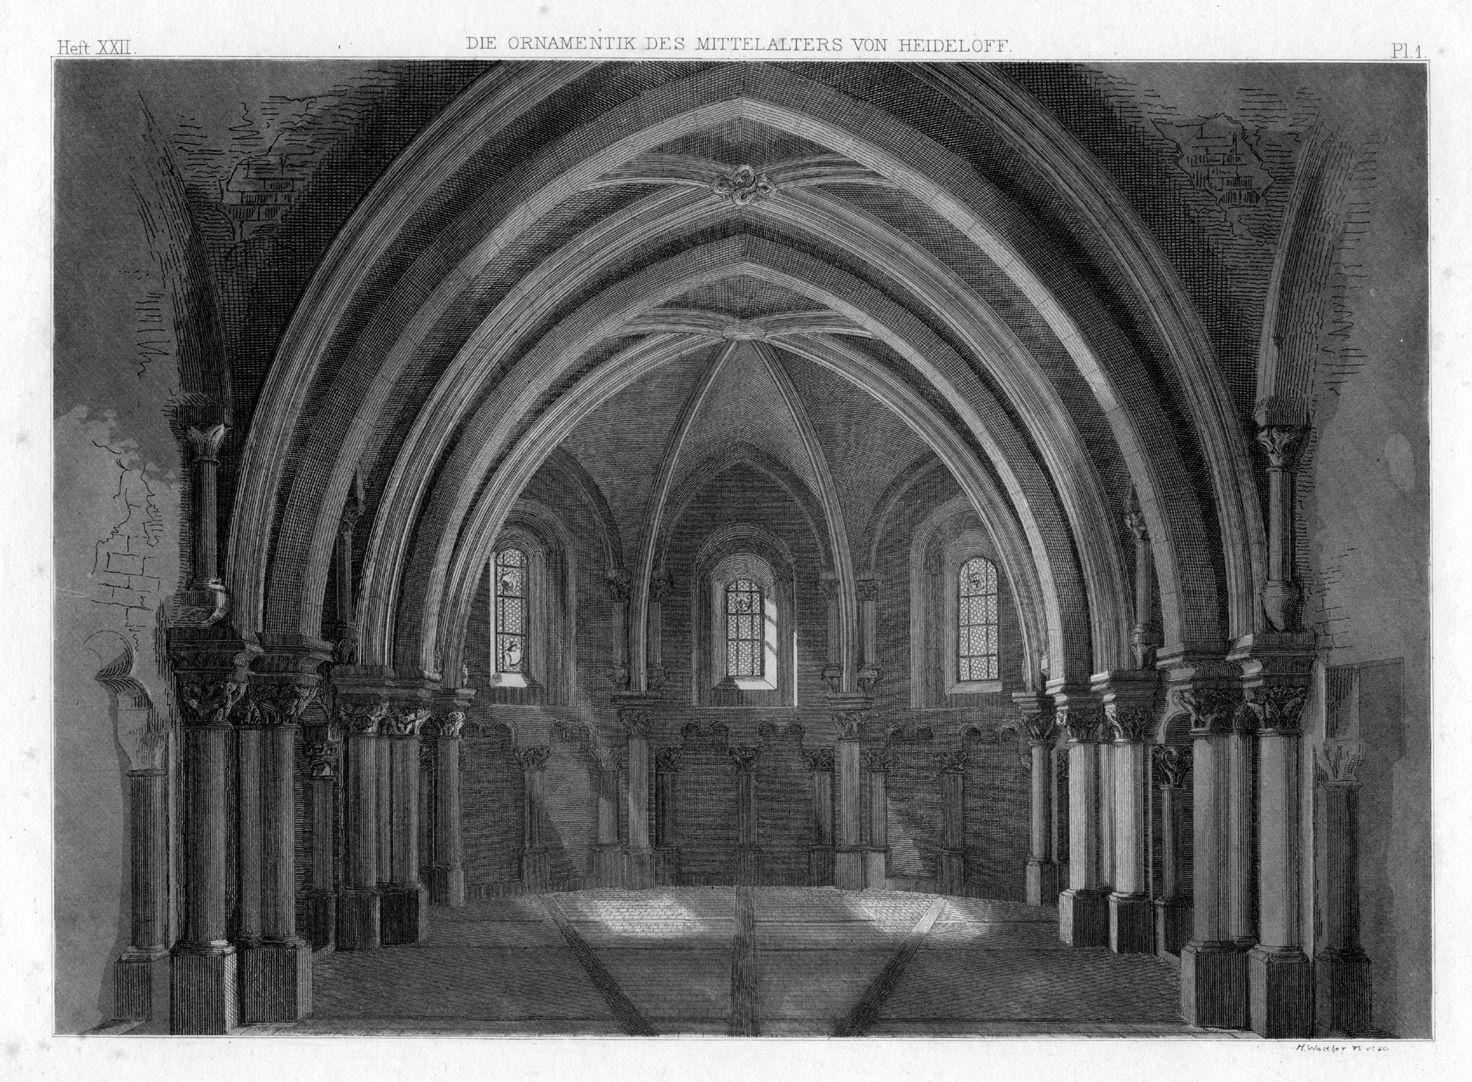 Ornamentik des Mittelalters Michaelschor von St. Sebald, Inneres nach Westen